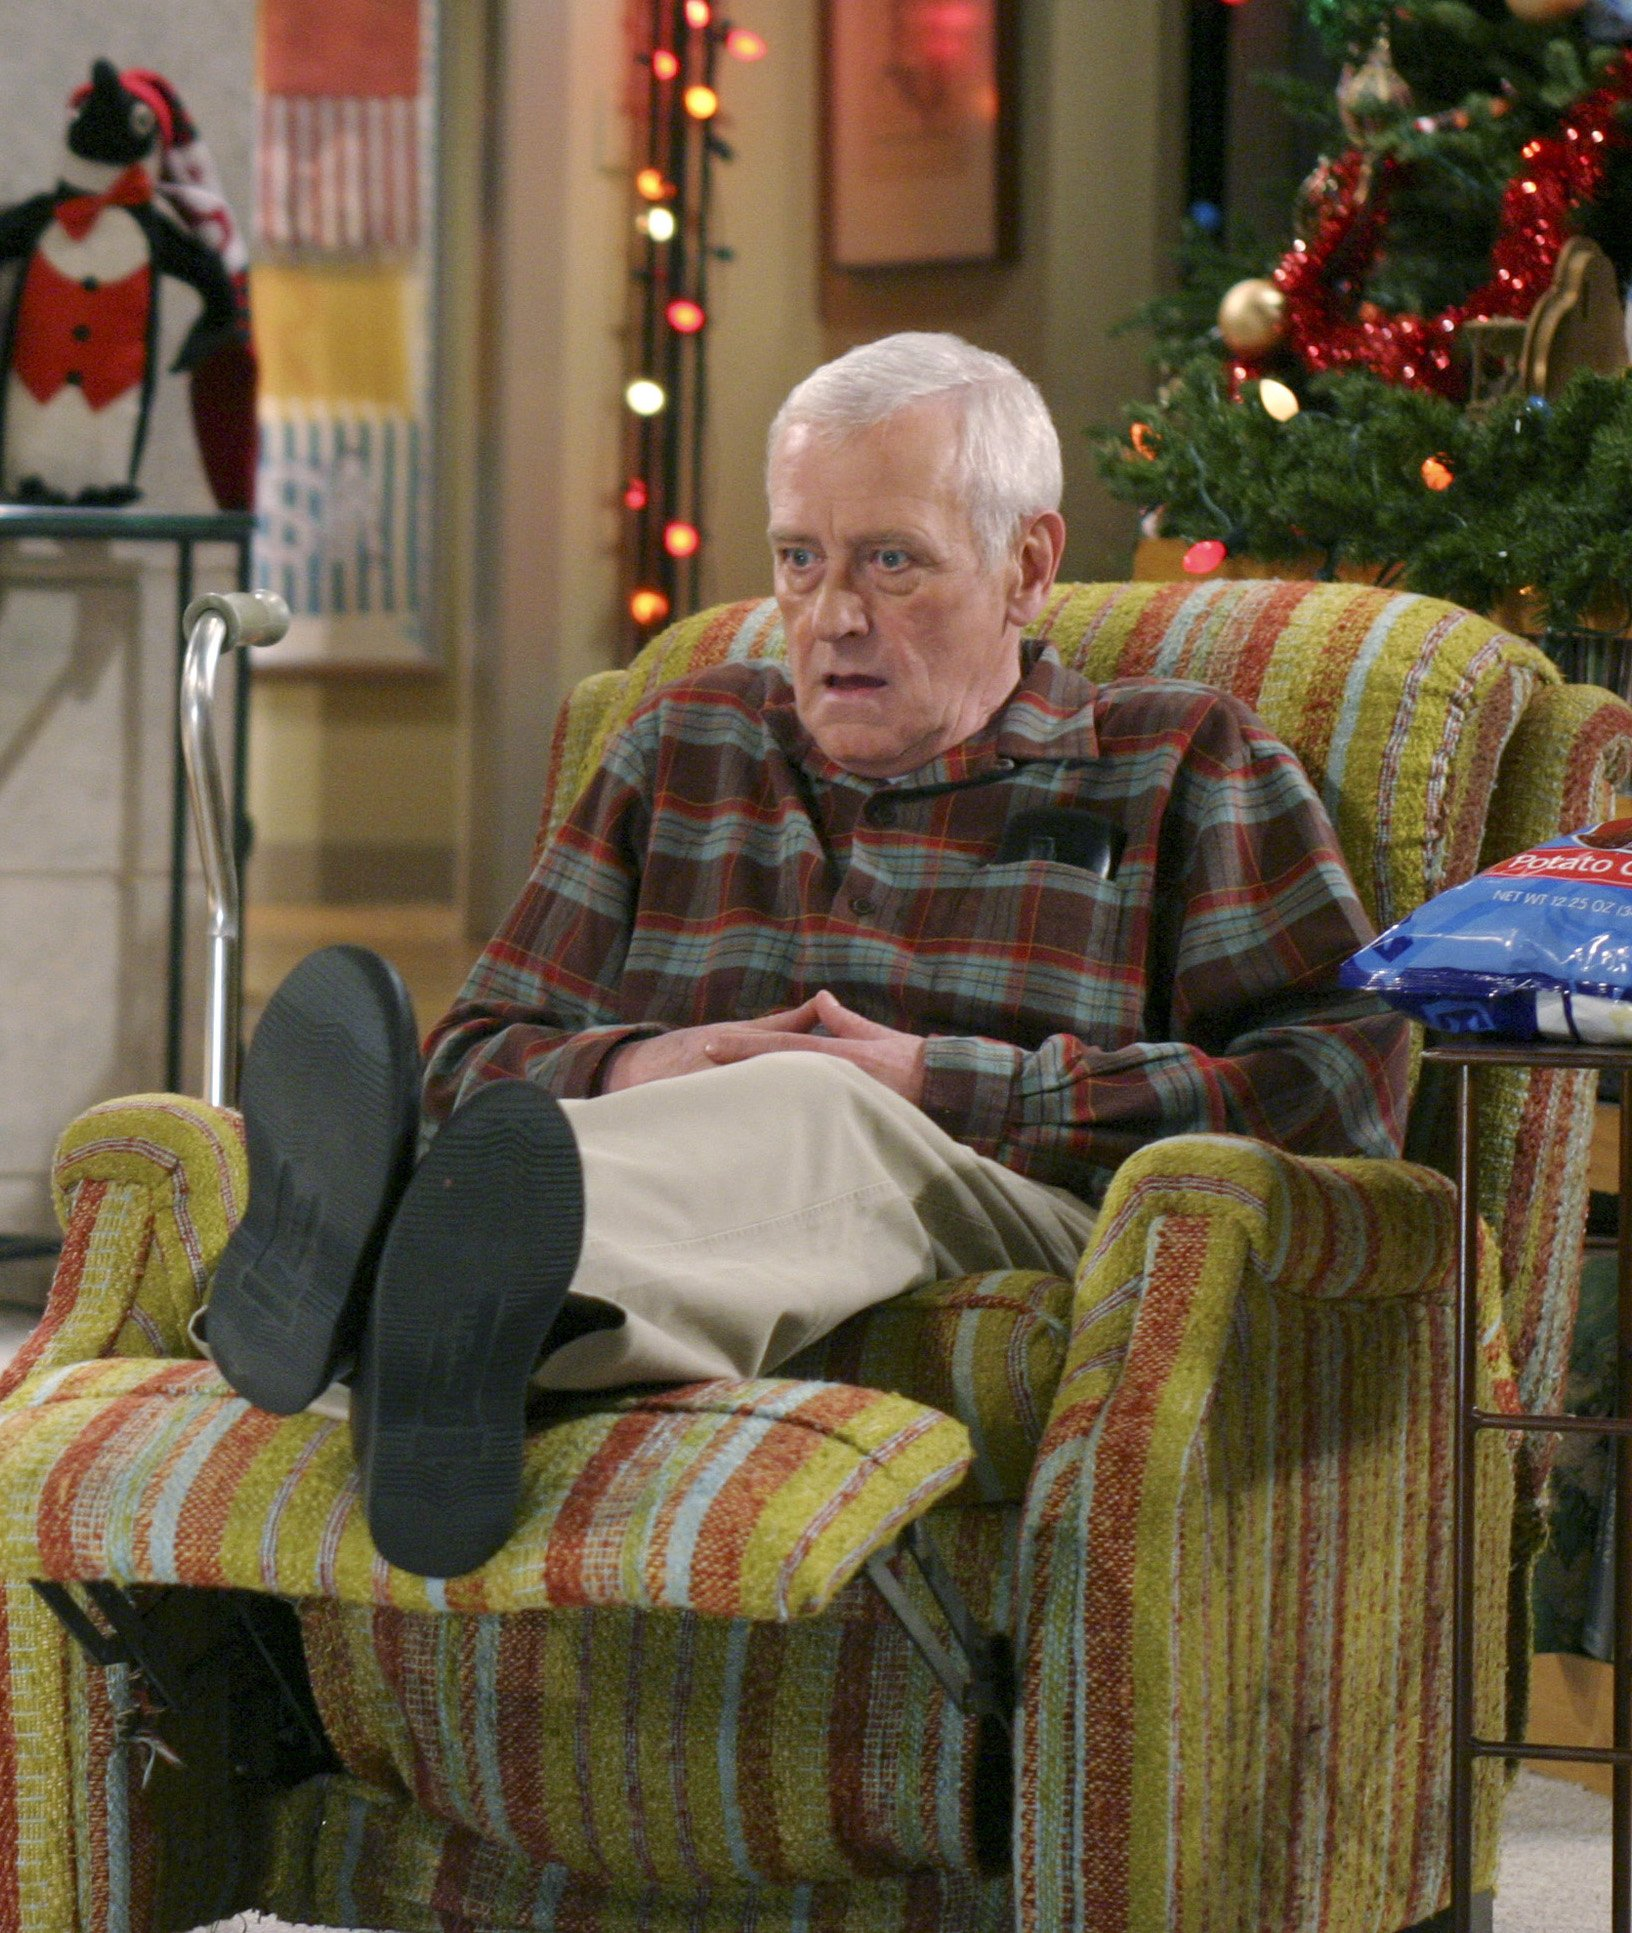 John Mahoney as Martin Crane in Frasier, recliner Christmas episode